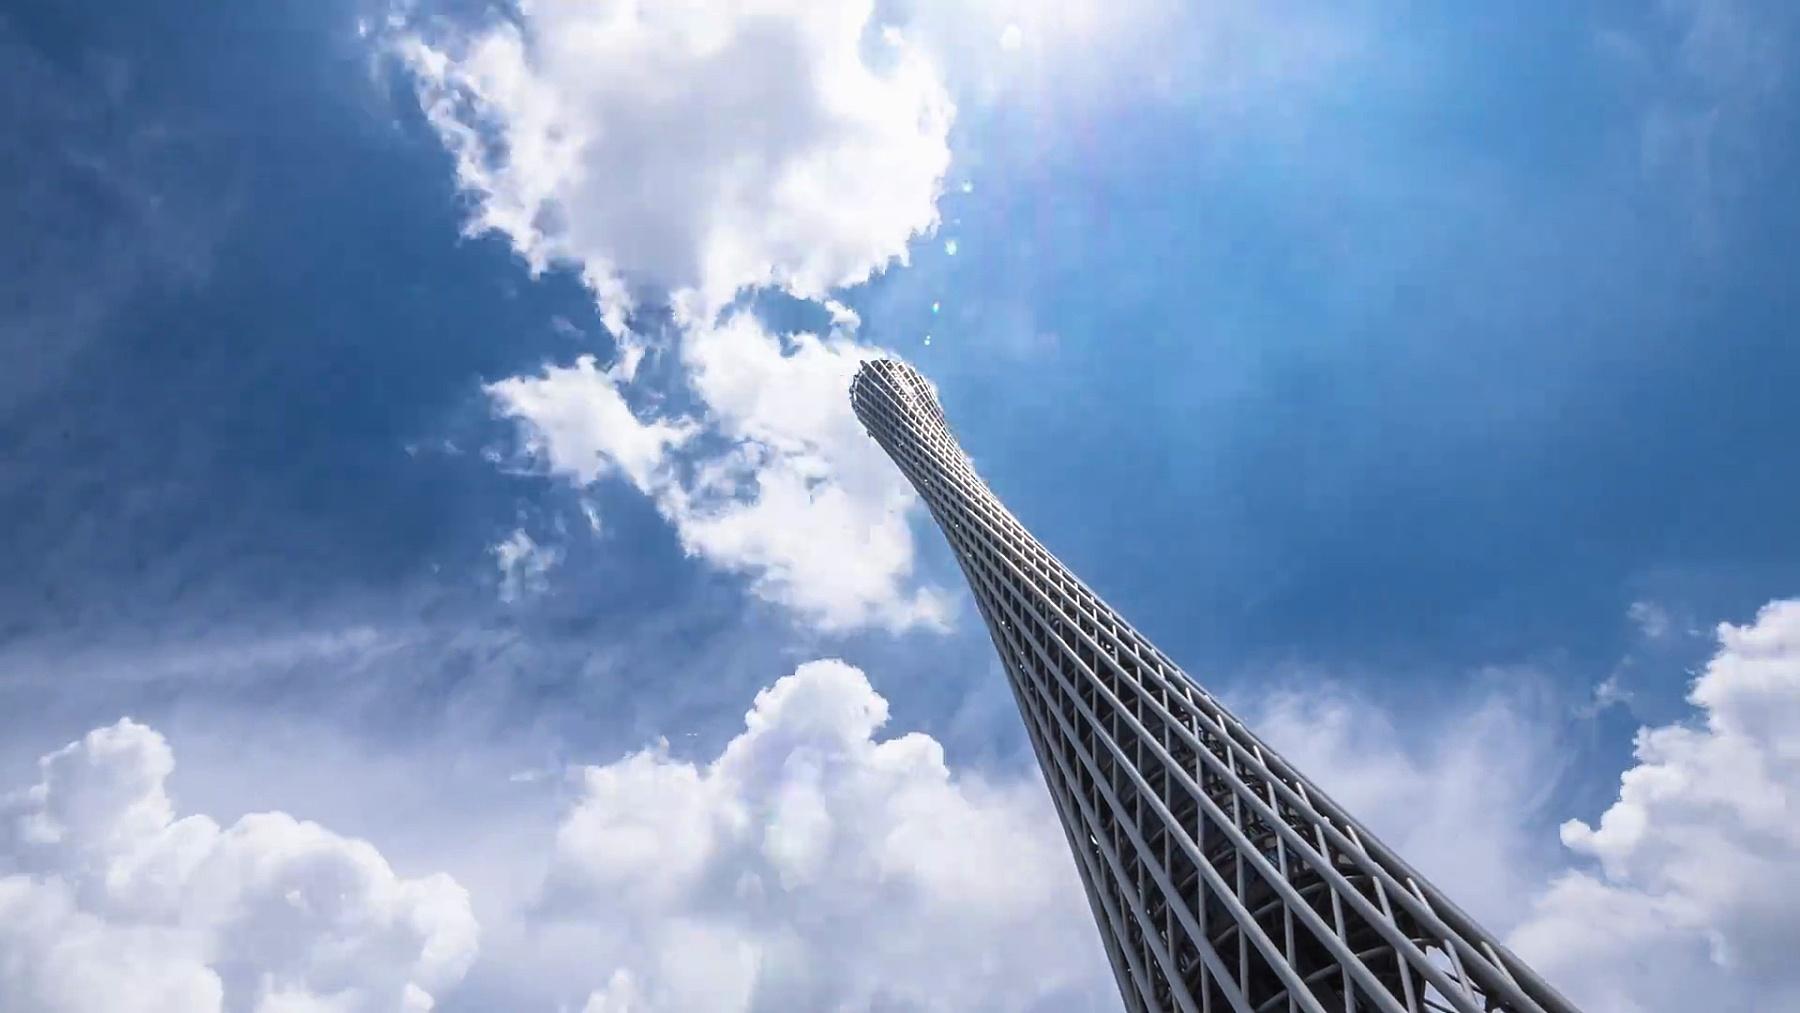 云天中的标志性广州塔。时间间隔